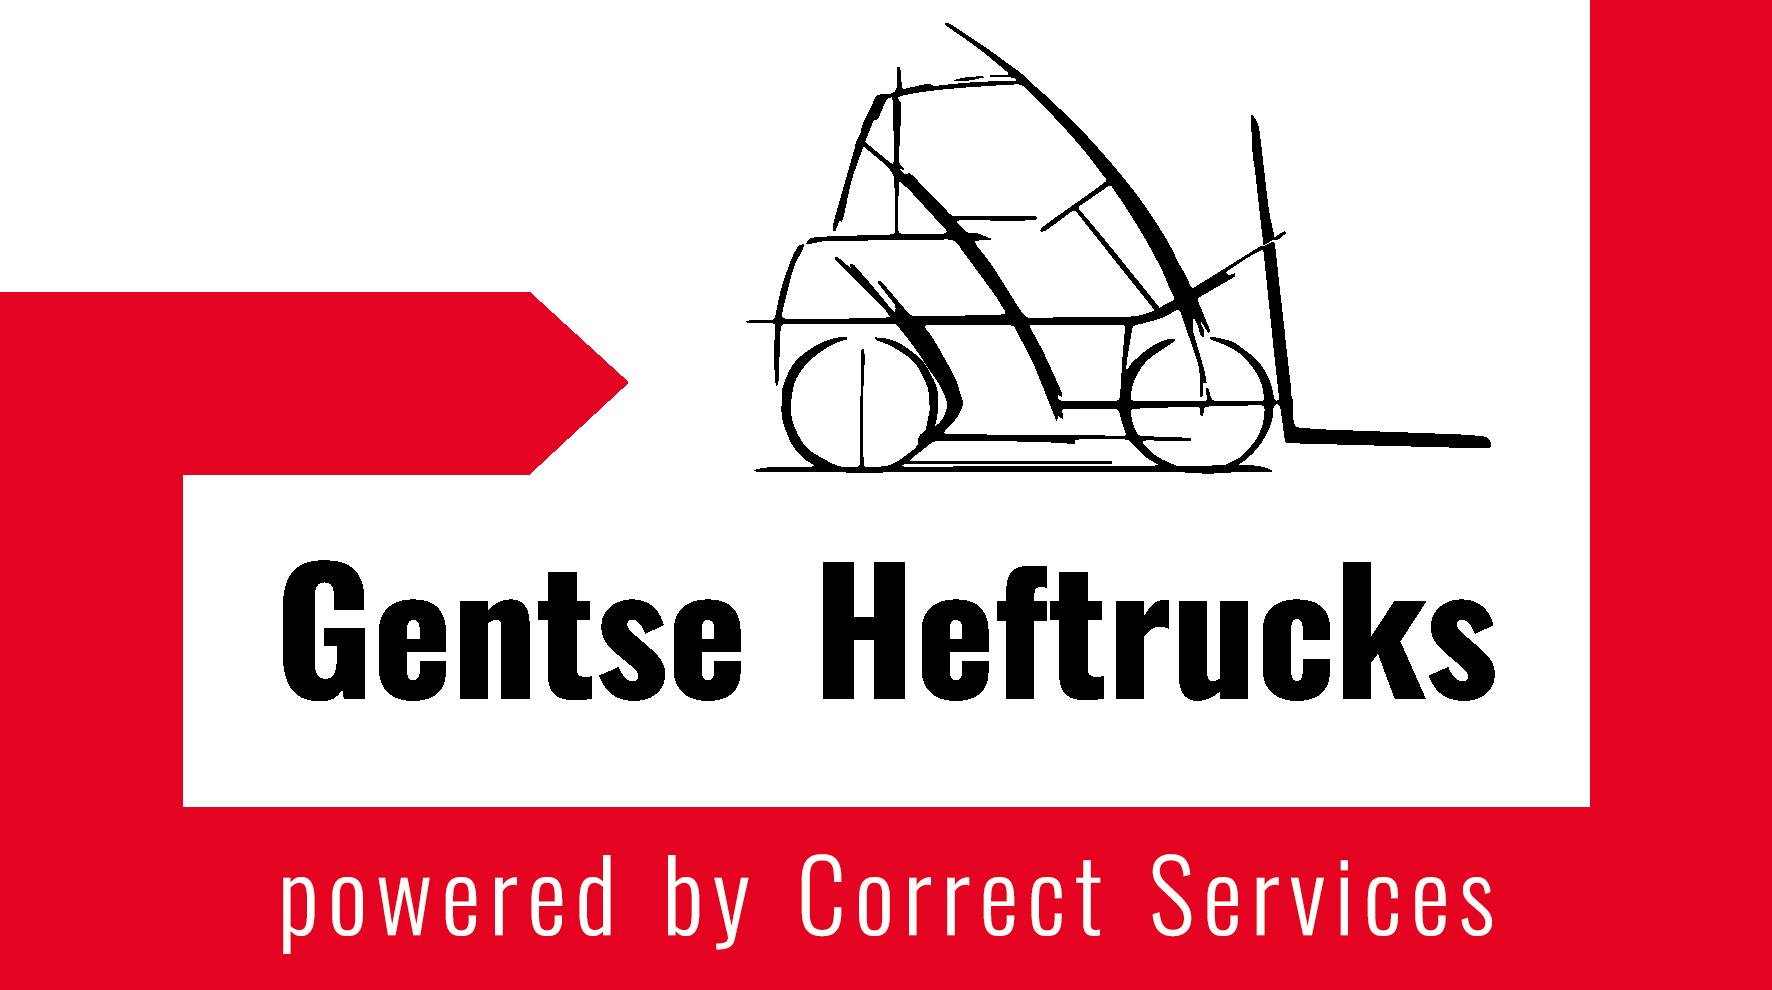 Gentse Heftrucks Logo